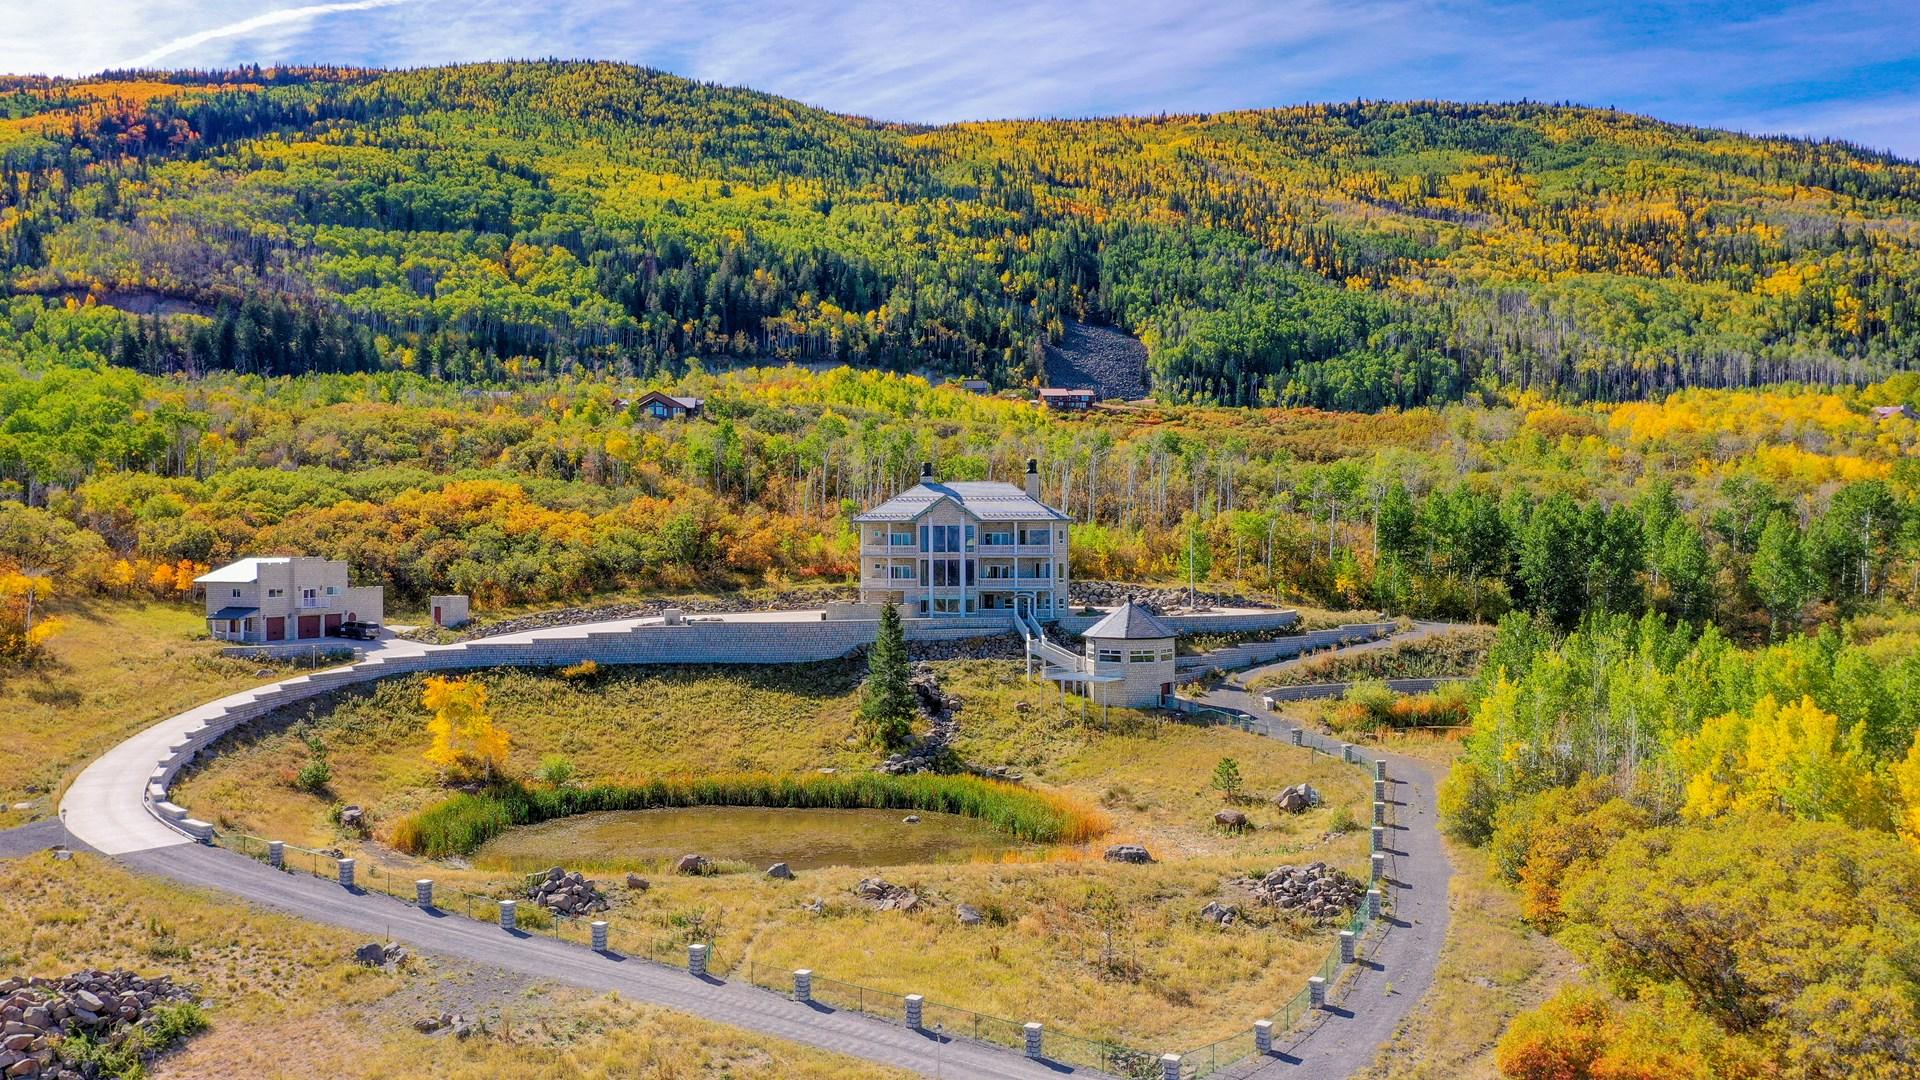 Luxury Colorado Mountain Home on Acreage